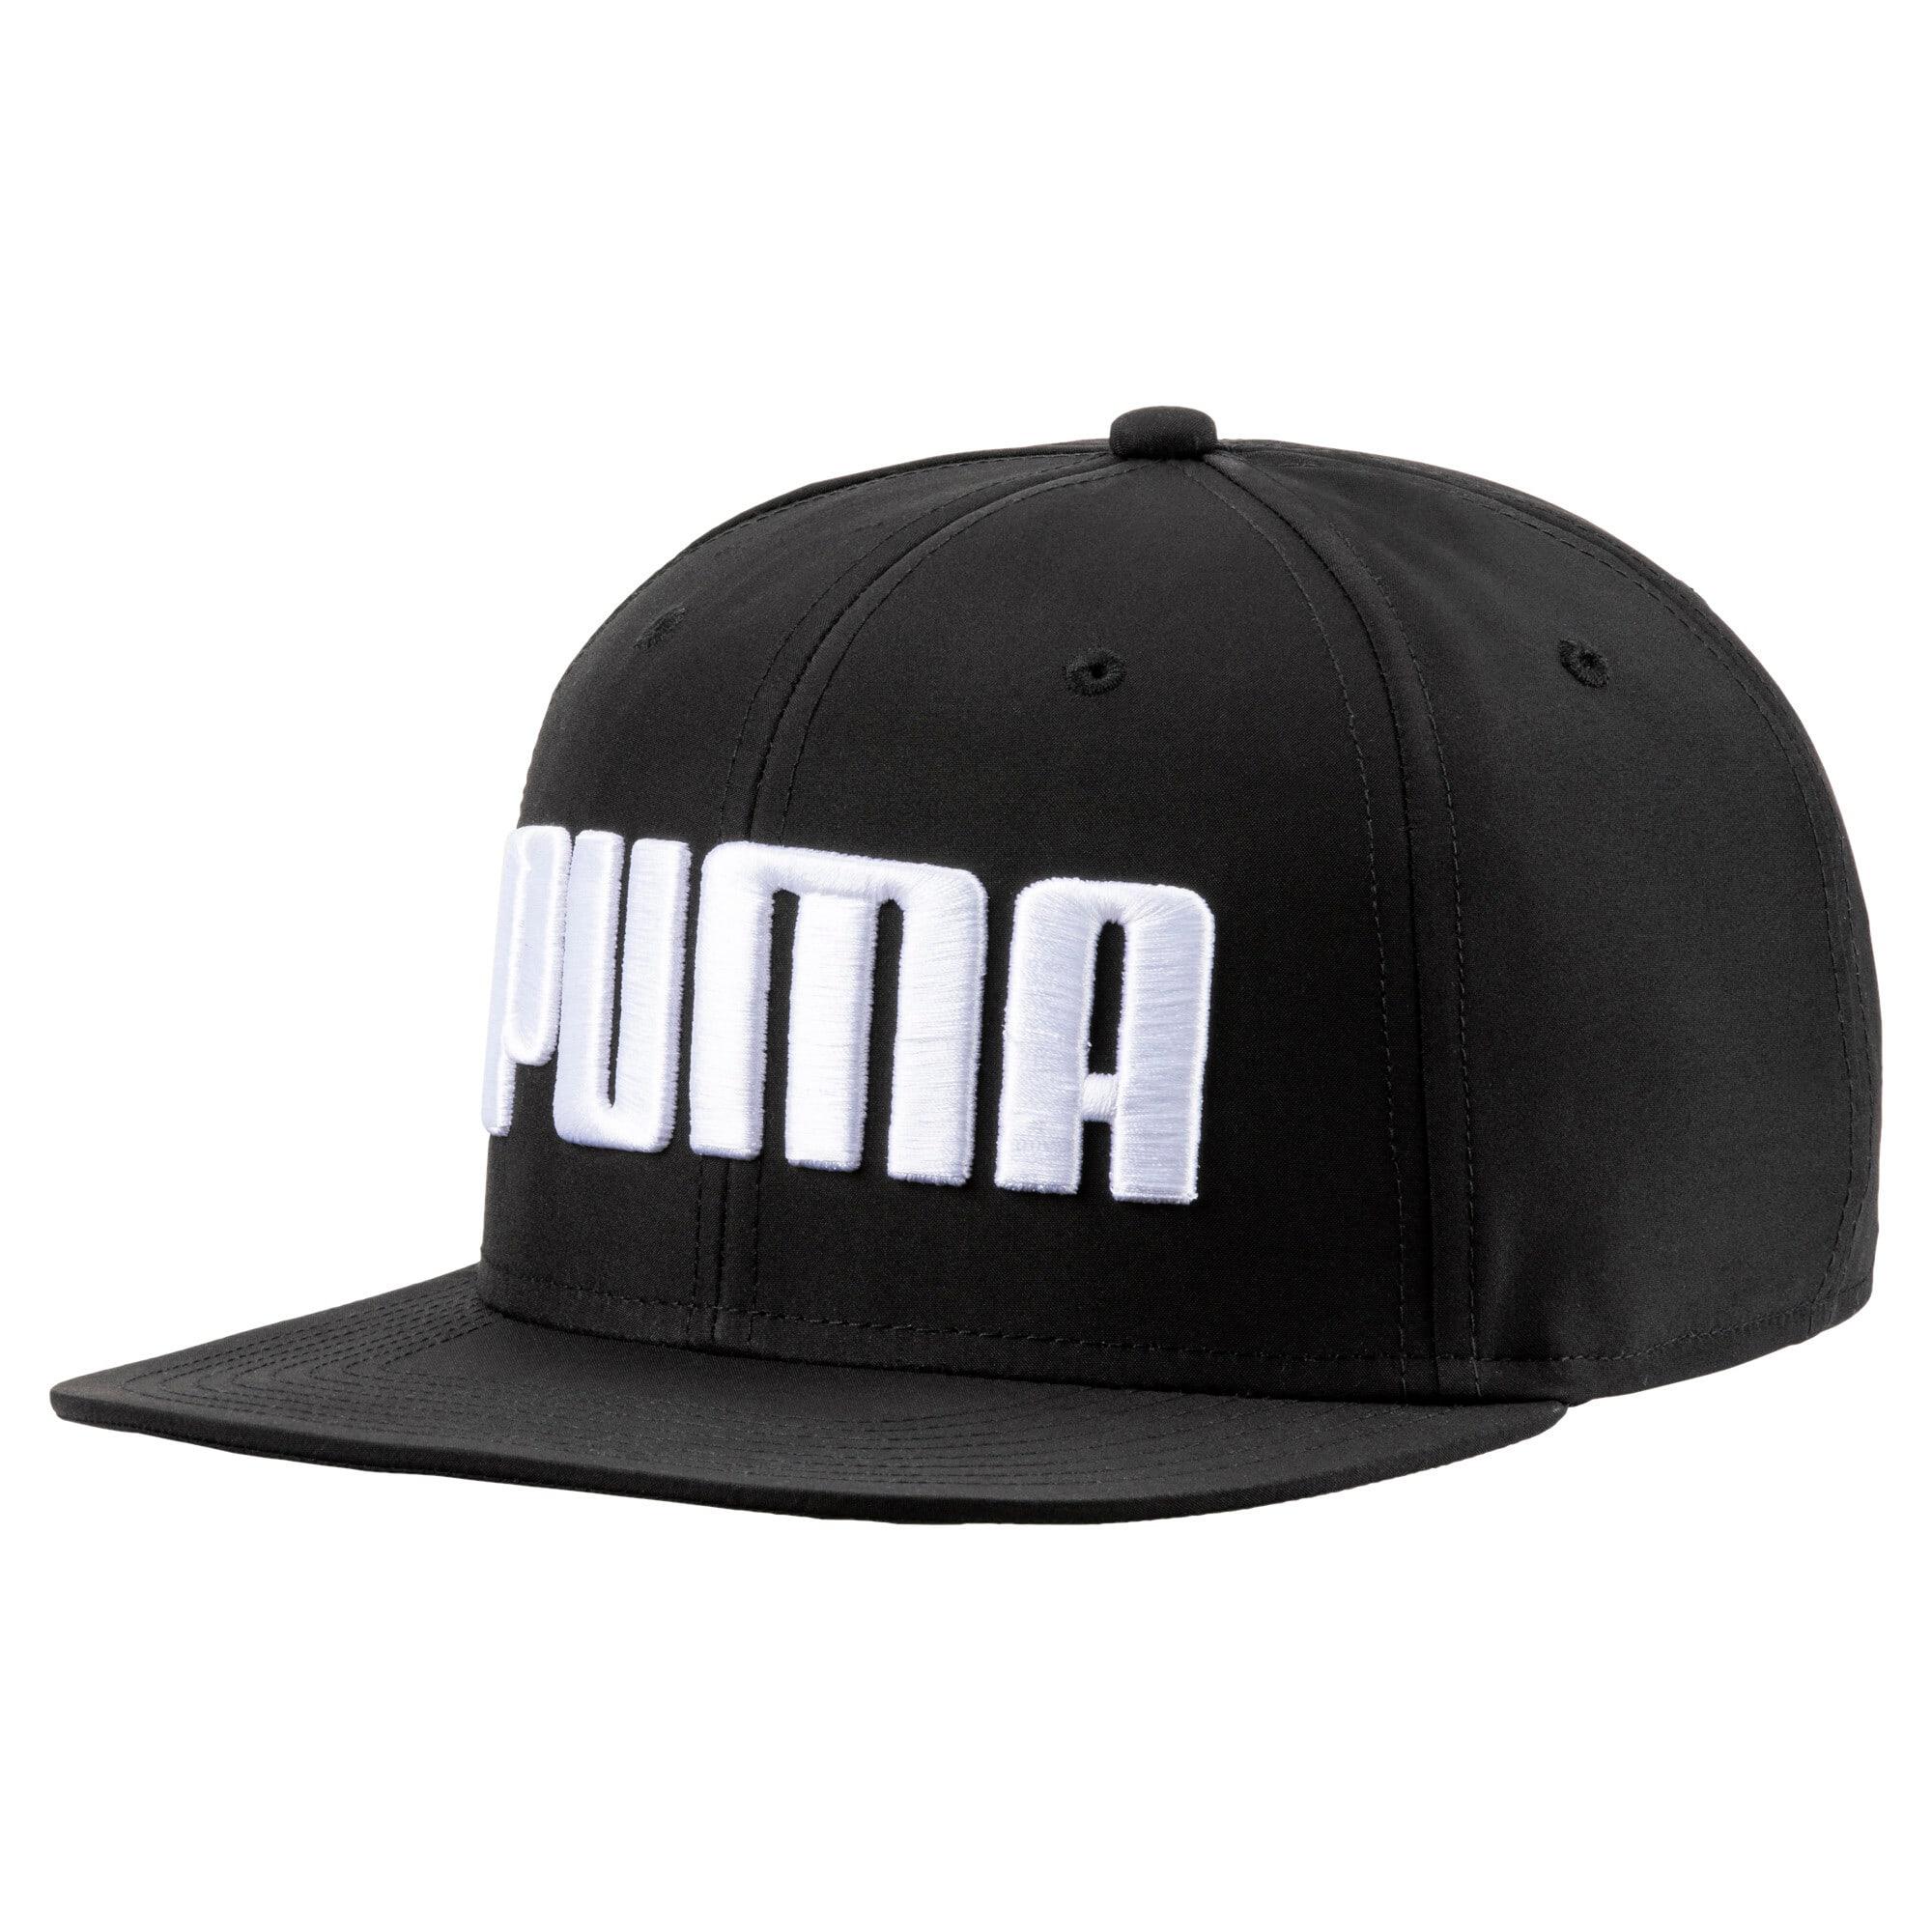 Thumbnail 1 of Flatbrim Cap, Puma Black, medium